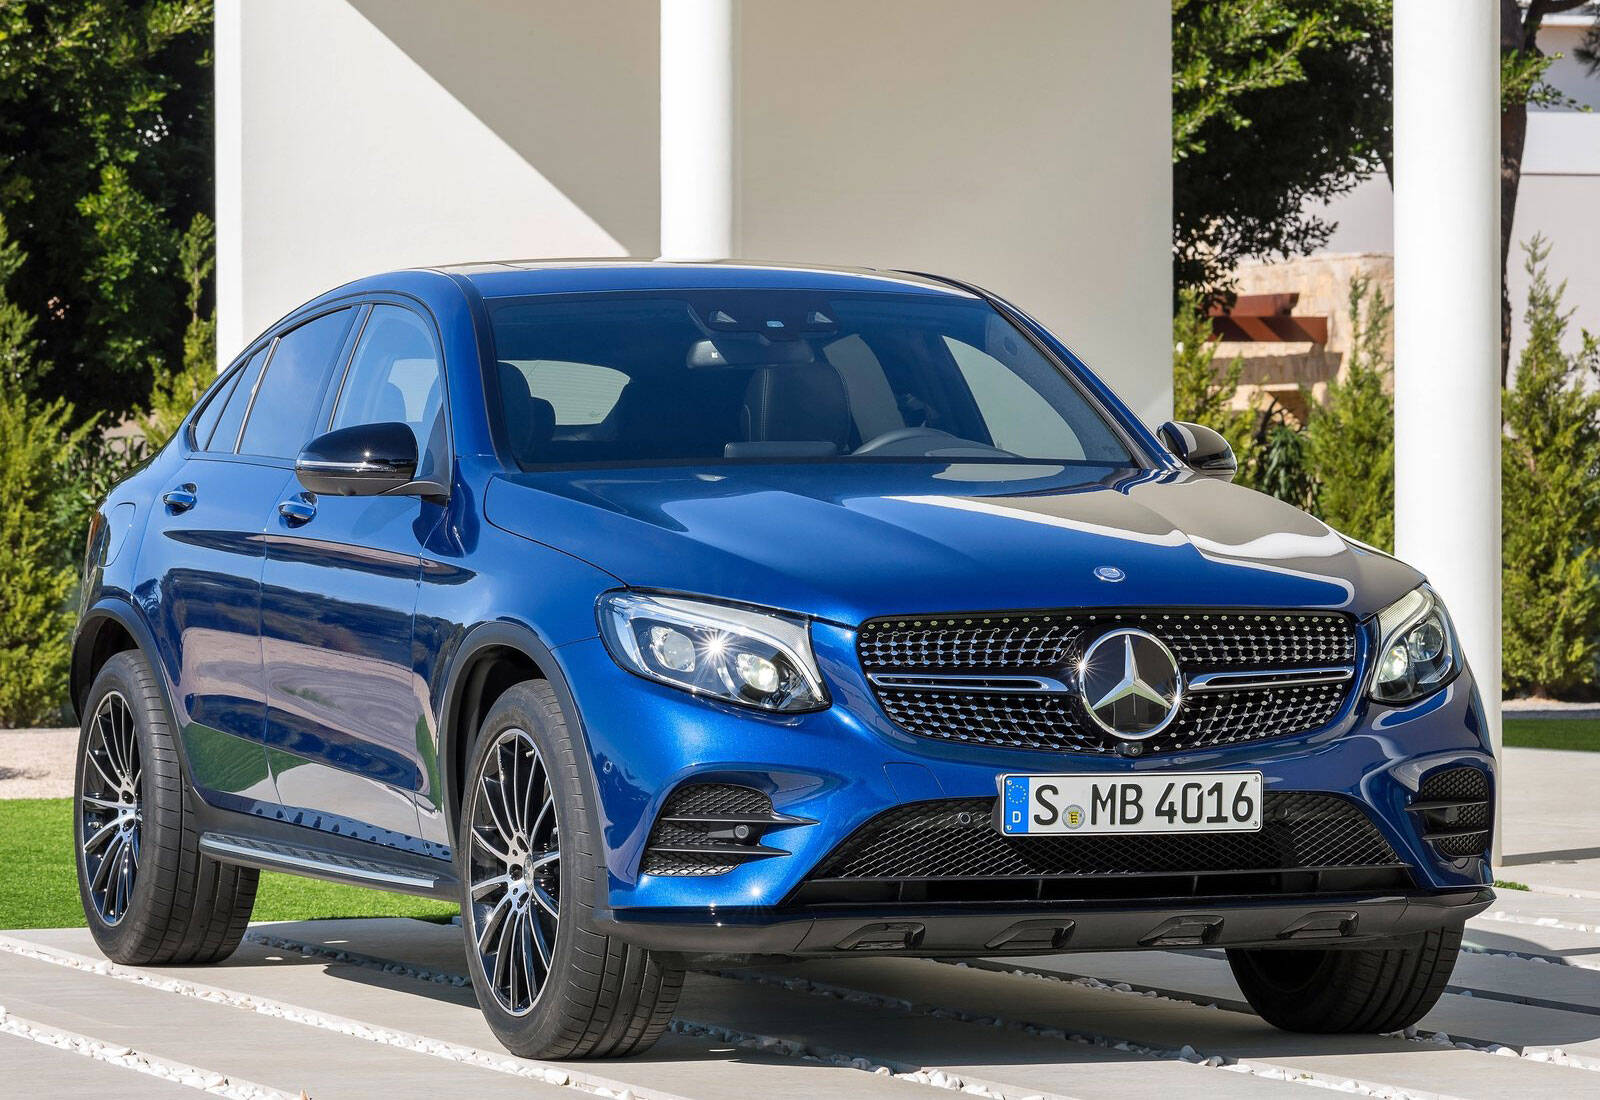 Mercedes-Benz GLC Coupé 250 4MATIC. Foto: Divulgação/Mercedes-Benz